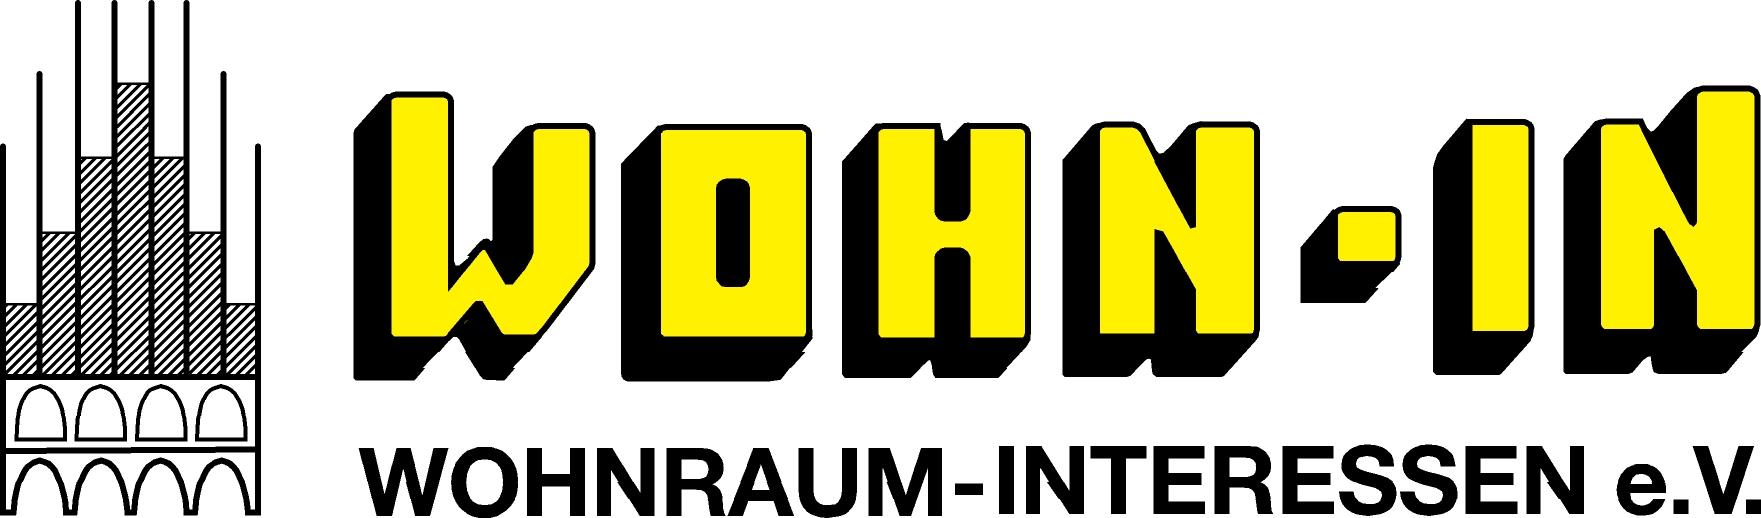 WOHN-IN Wohnraum-Interessen e.V.